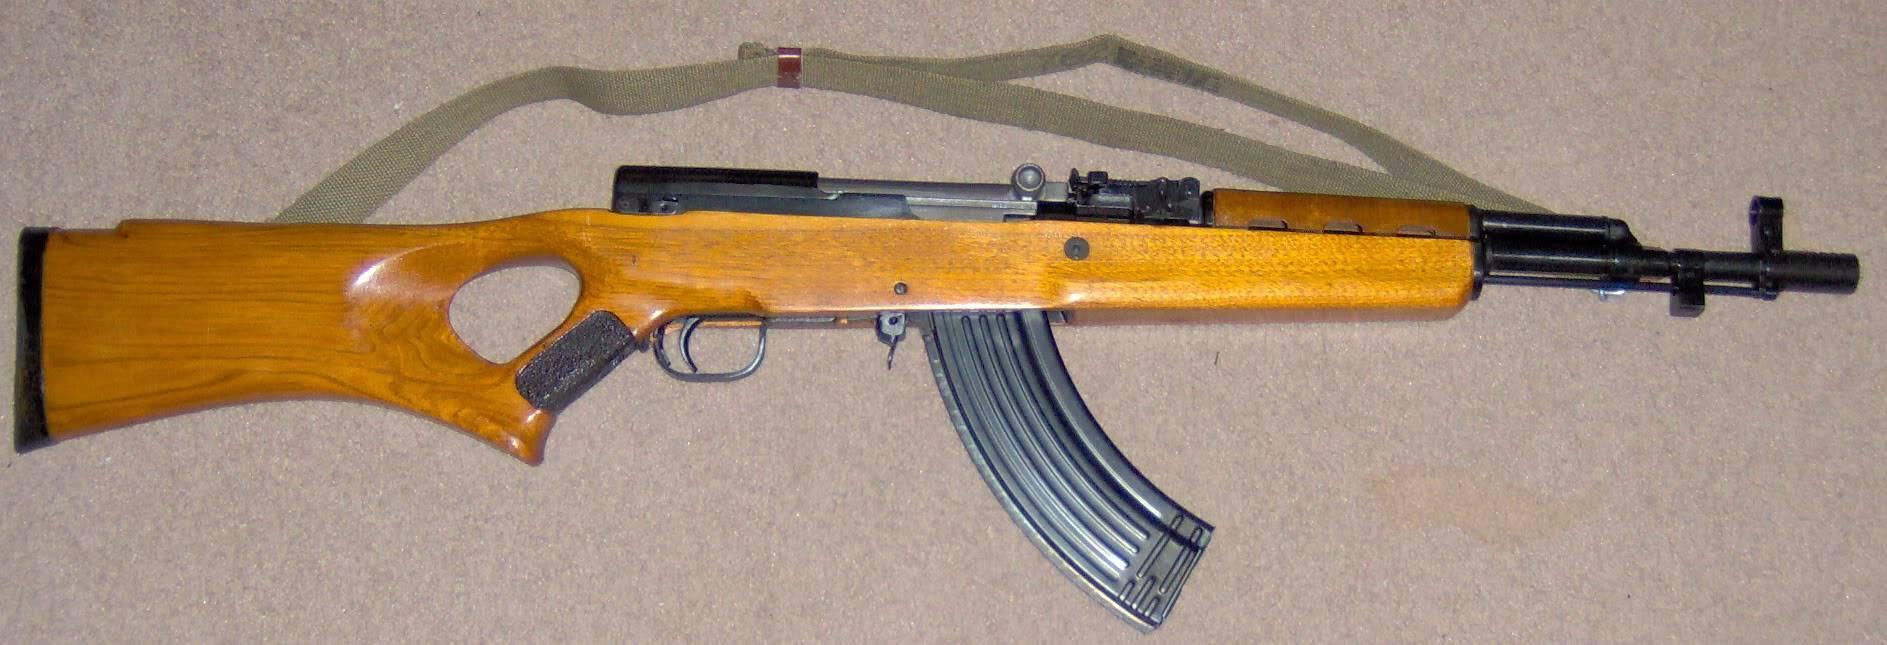 Gun/Military Thread - Page 30 Norincosportersks-m